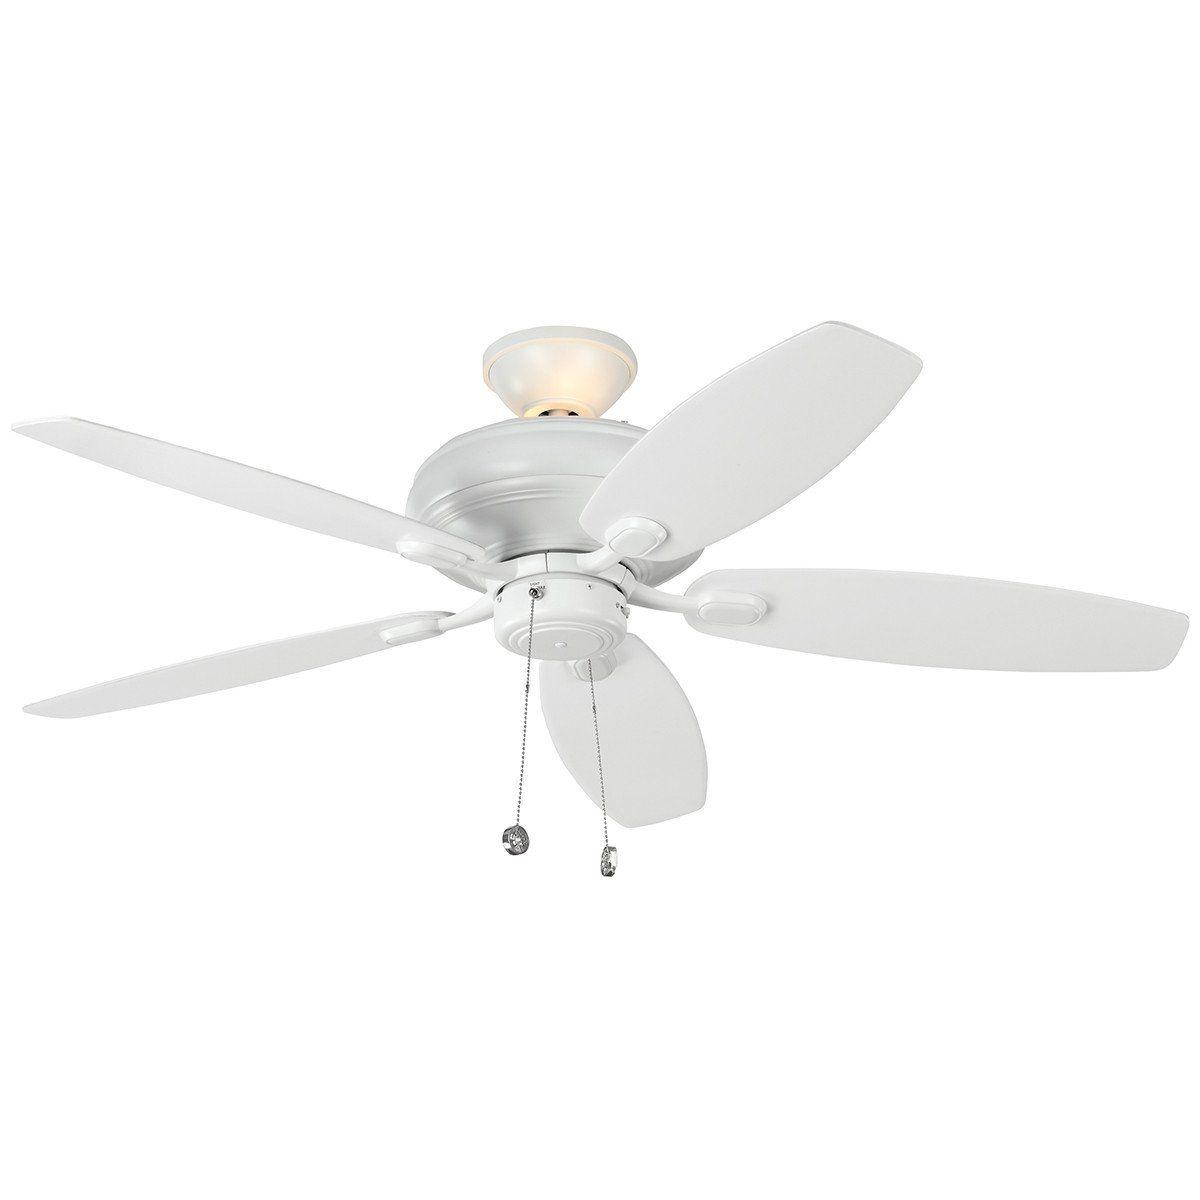 Ceiling Fan Uplight Bulbs